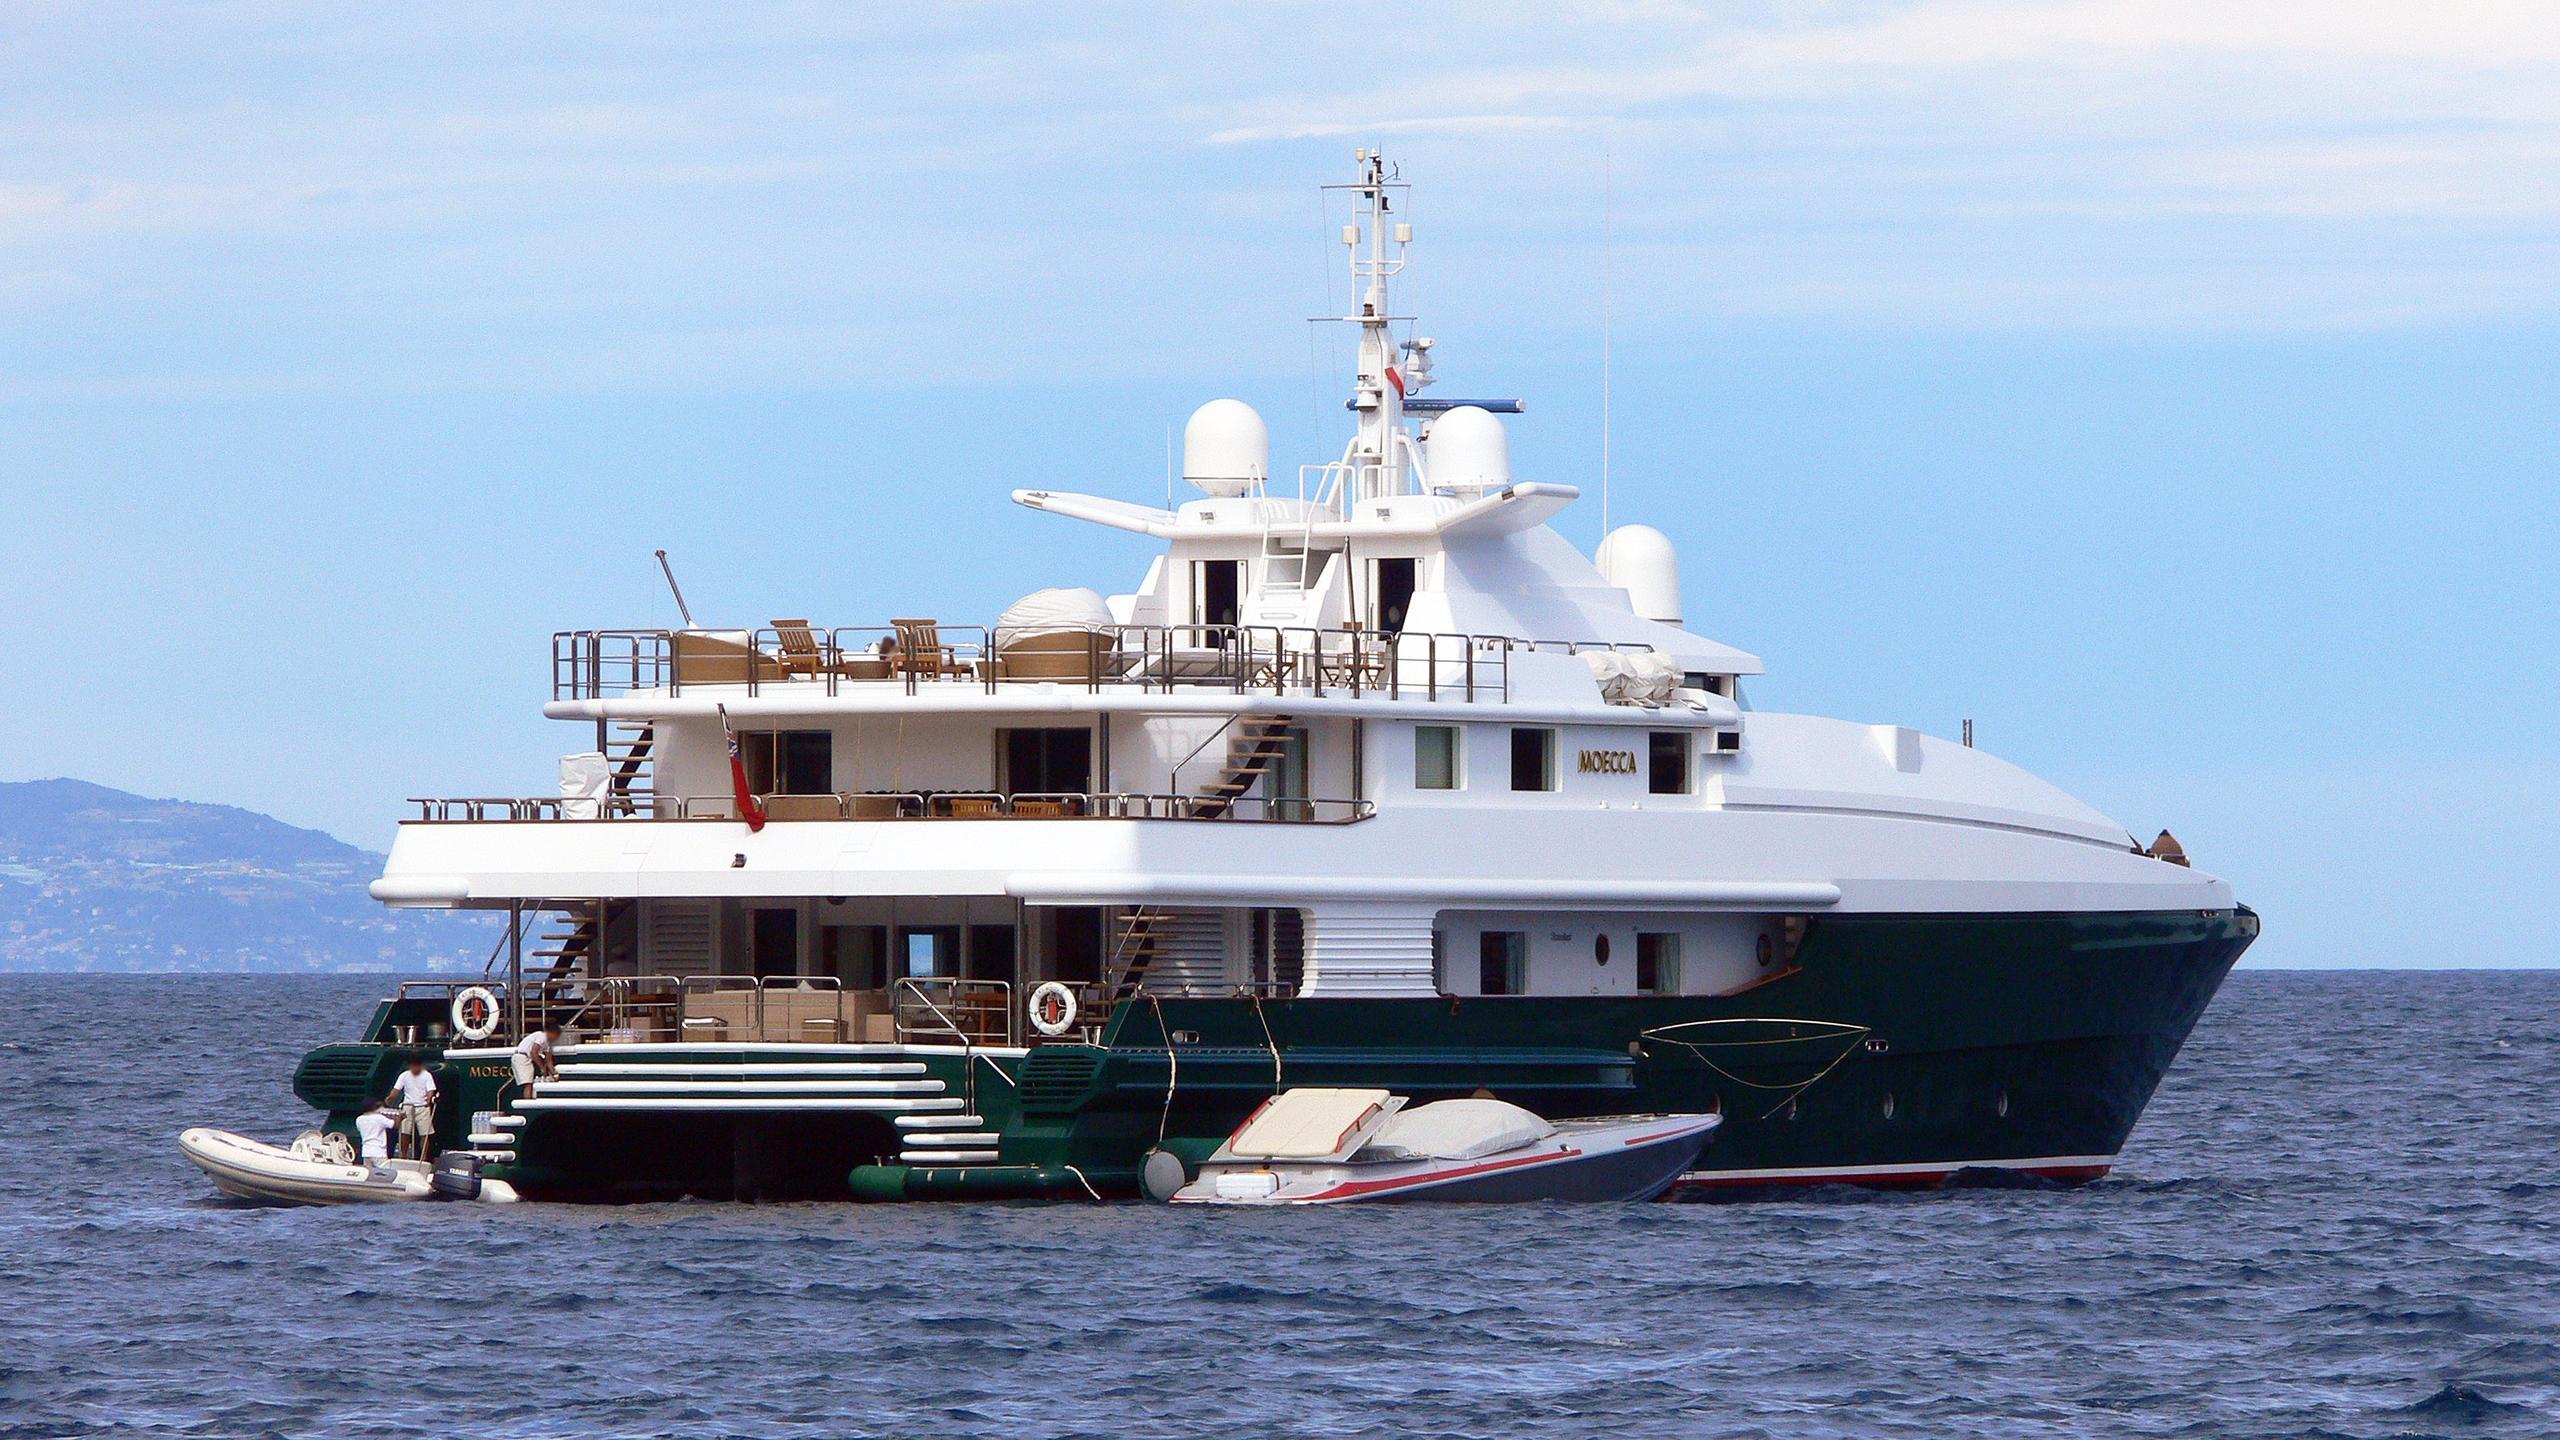 moecca-motor-yacht-oceanfast-1993-45m-stern